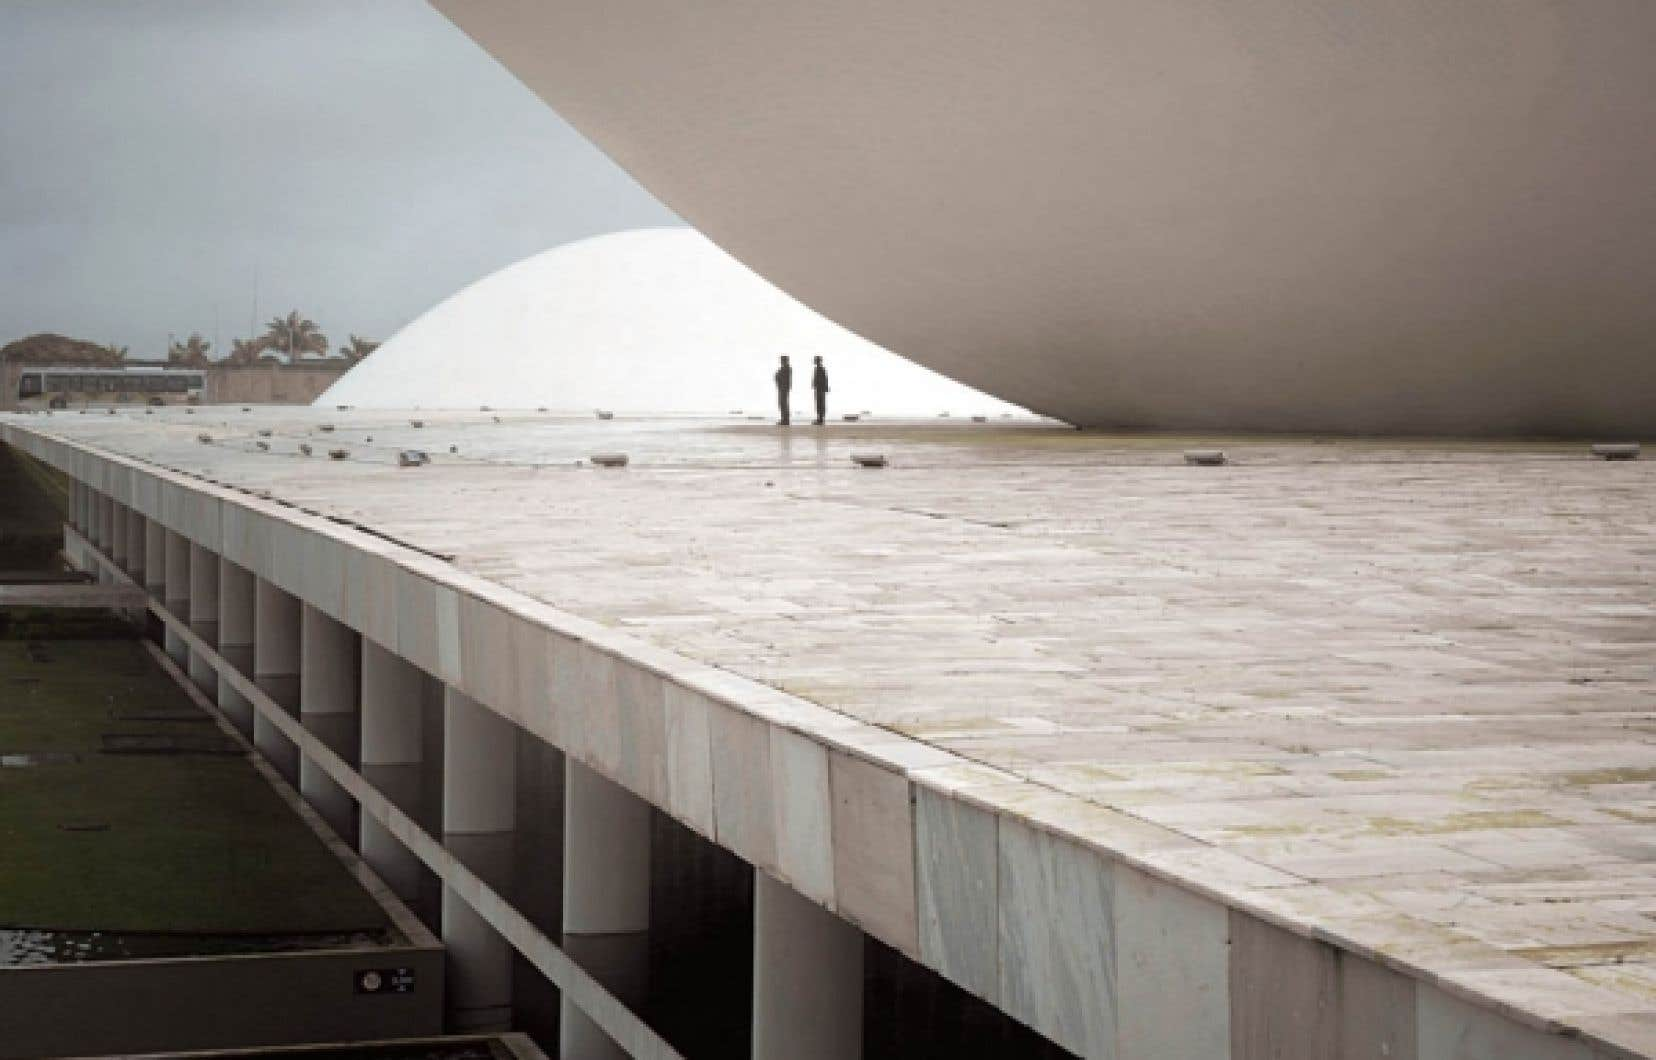 Fabiano Sobreira travaille présentement en partenariat avec le bureau de l'architecte Oscar Niemeyer, à l'origine du bâtiment du Congrès national du Brésil (notre photo).